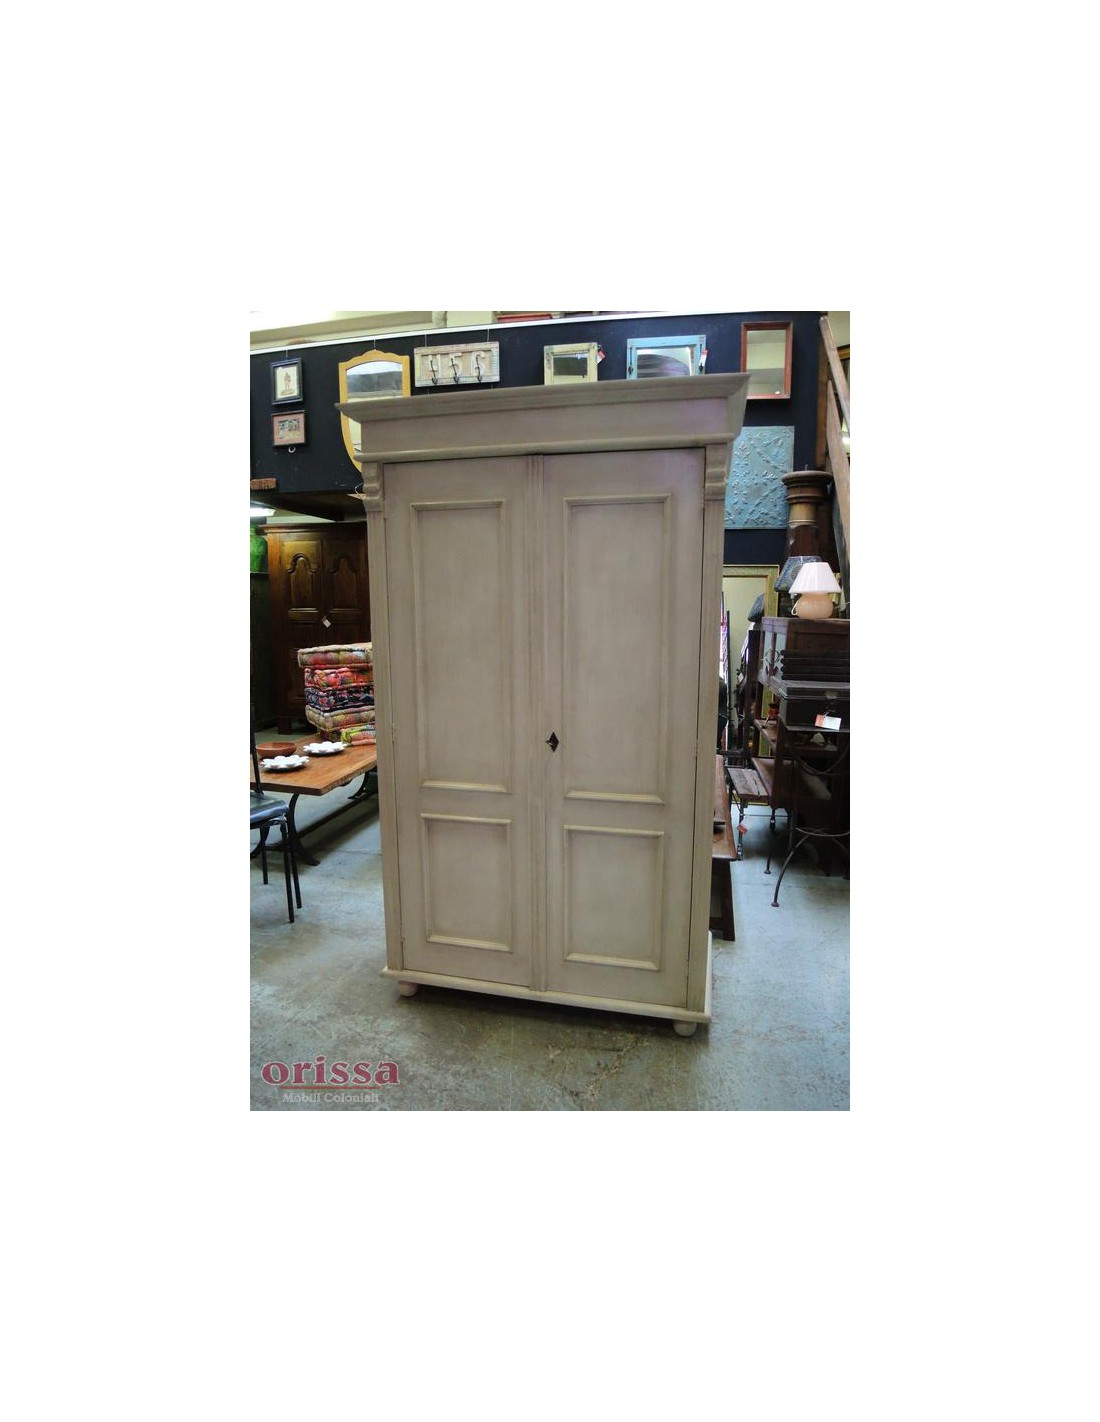 Armadio legno massello bianco decapato shabby chic colorato oms245 orissa milano - Mobili decapati bianchi ...